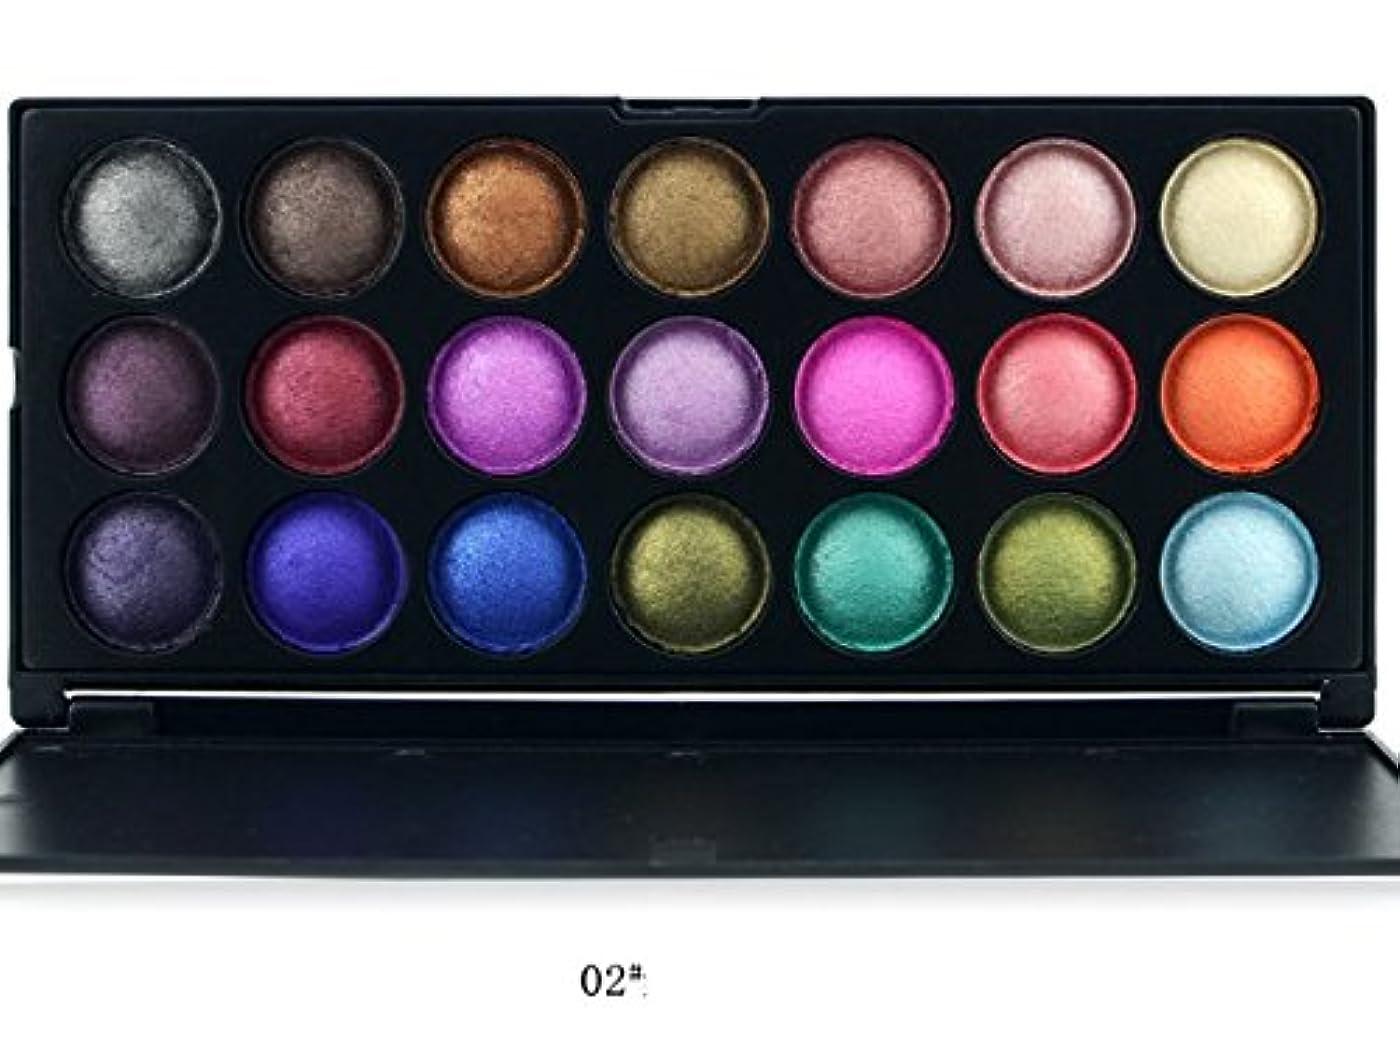 走る解決する寄生虫MakeupAcc 焼きアイシャドウ 21色 カラフル 乾式と湿式 (02) [並行輸入品]